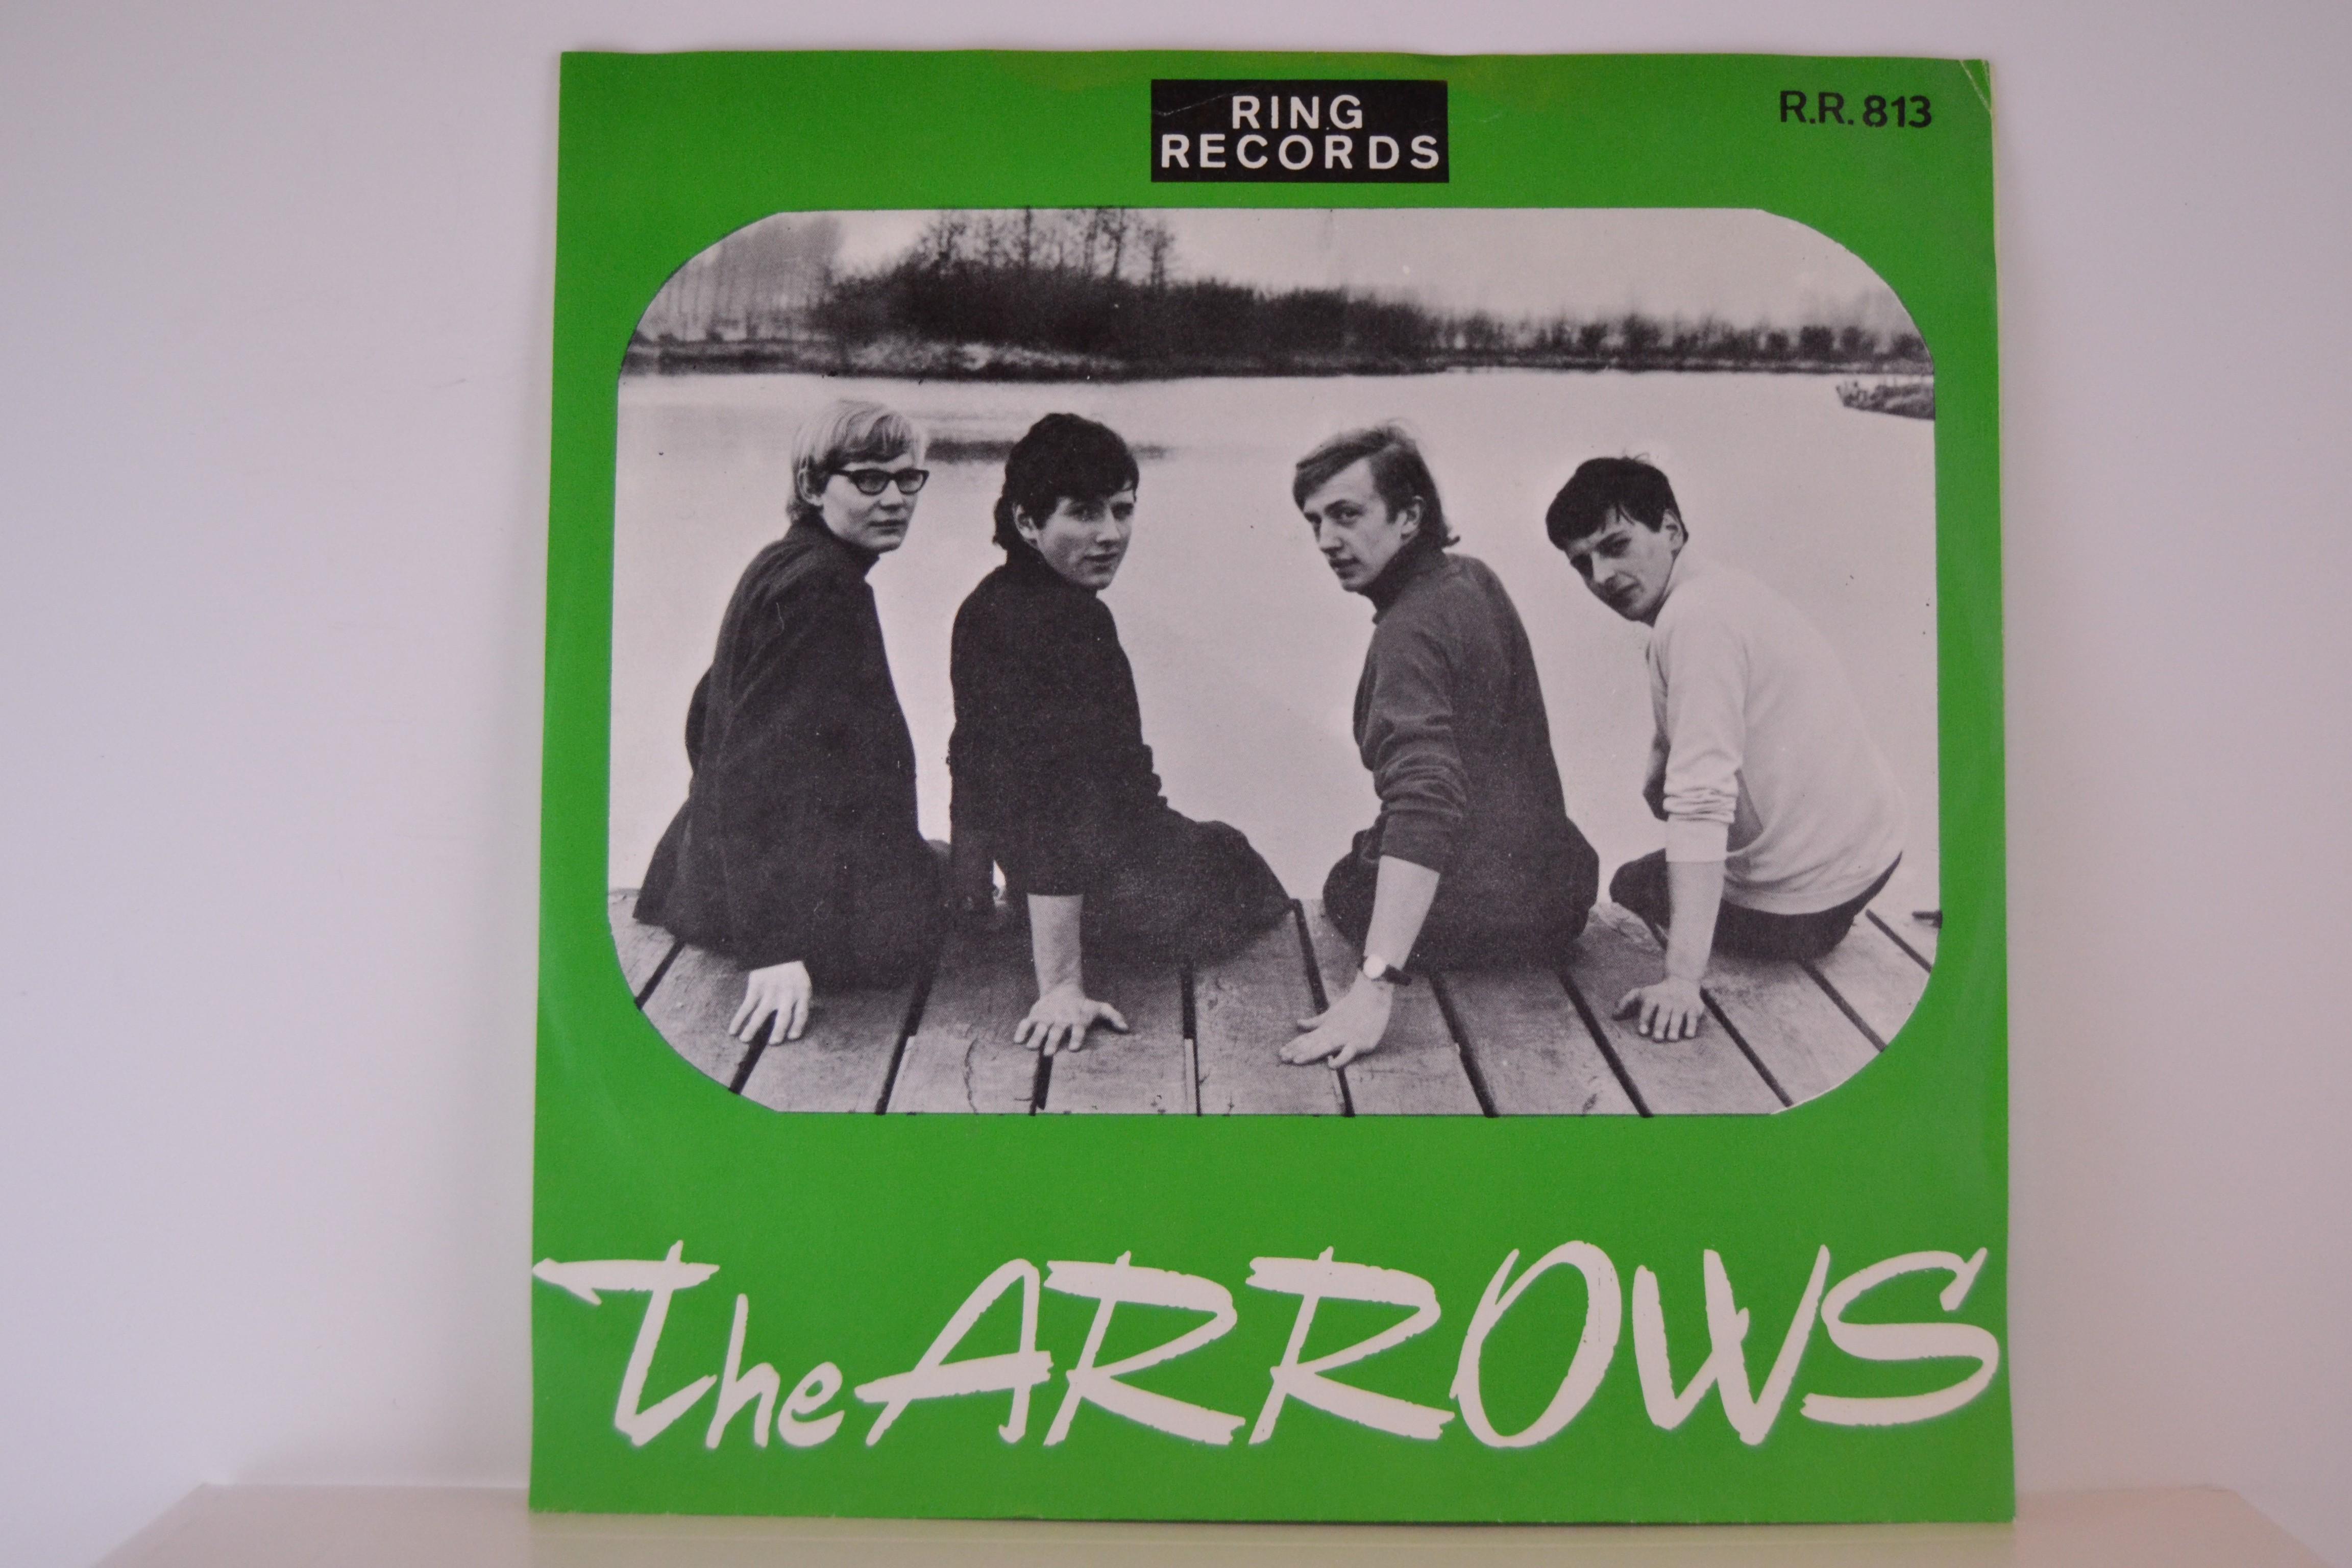 ARROWS : I wait / Little darling